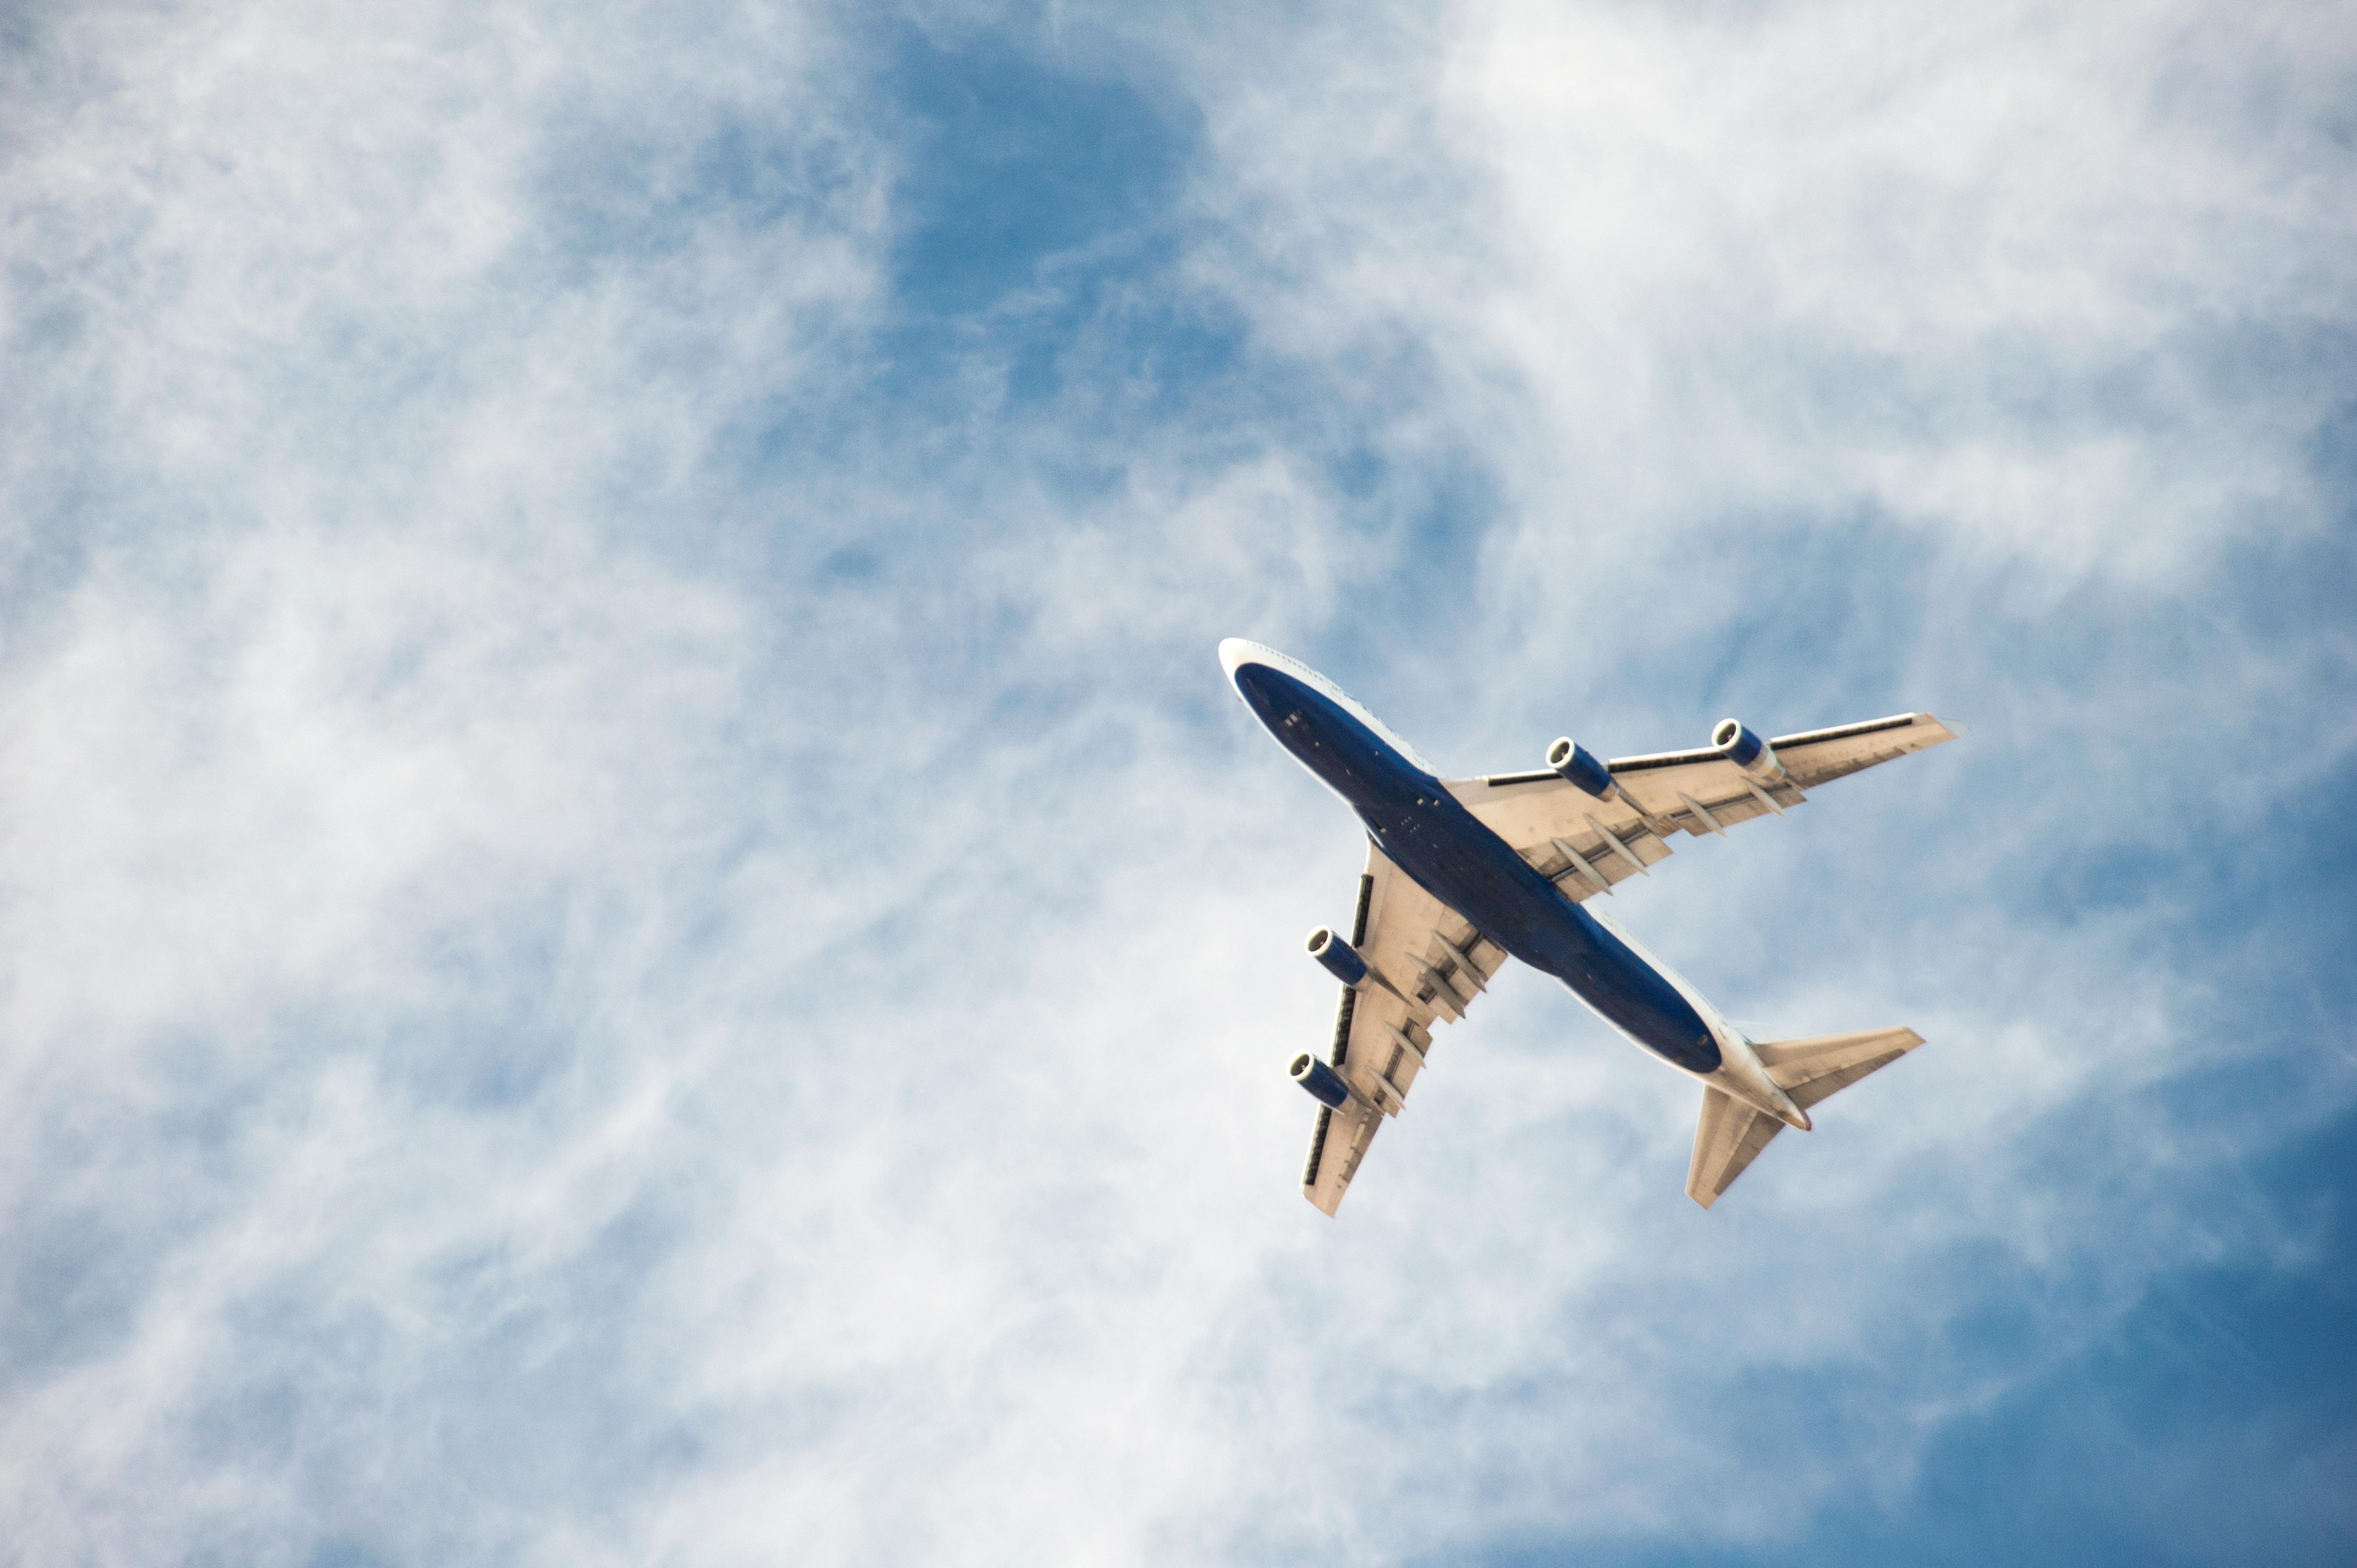 Los vuelos actuales duran más que hace 40 años